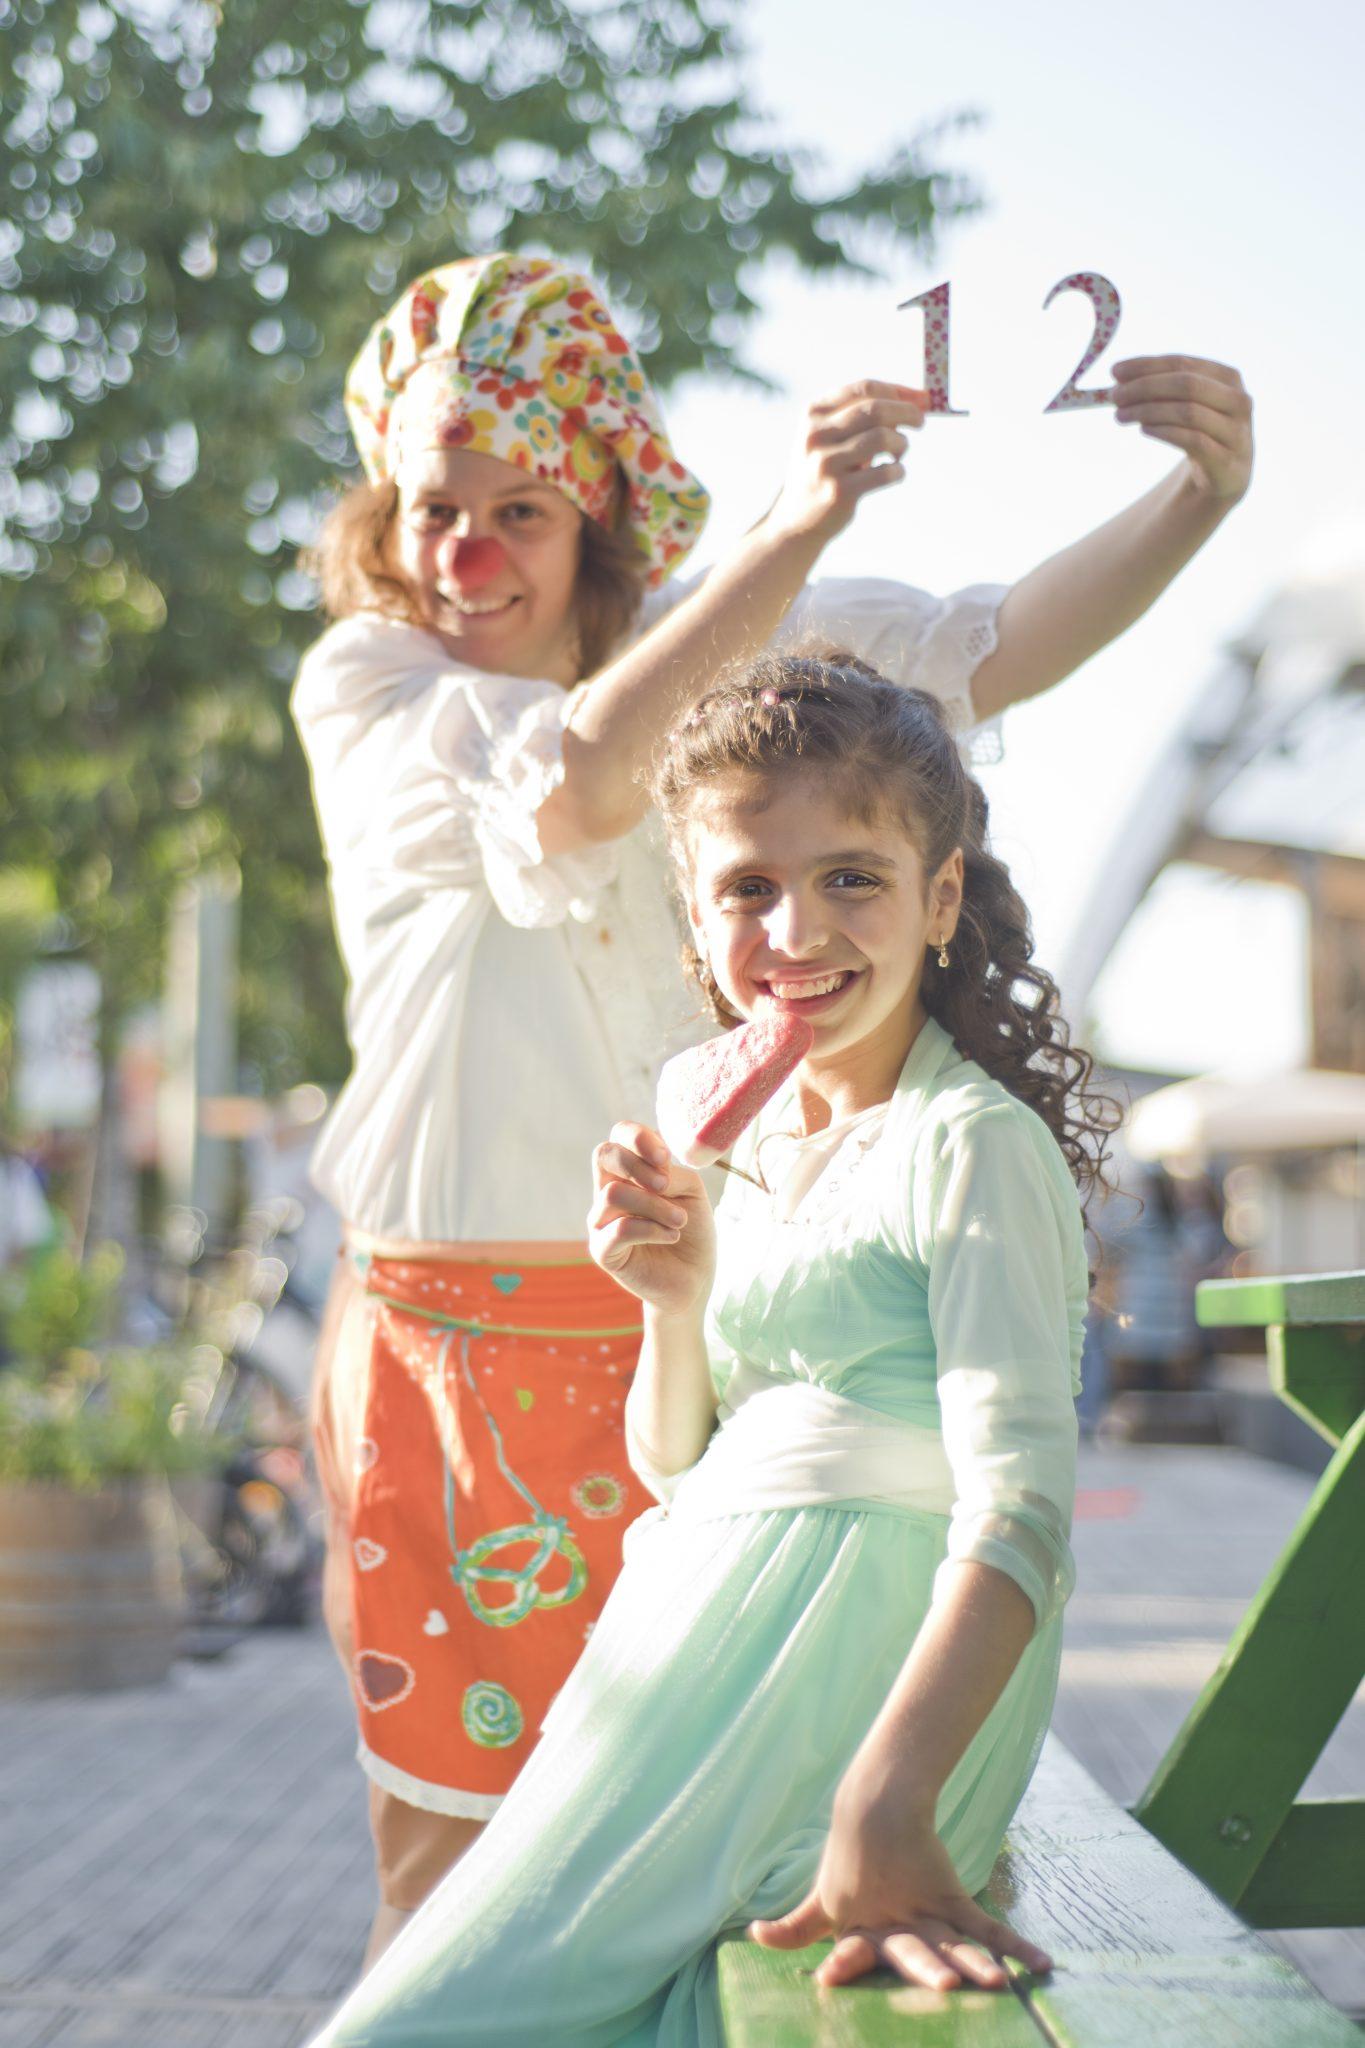 Racheli, 12 — photographing her bat mitzvah album